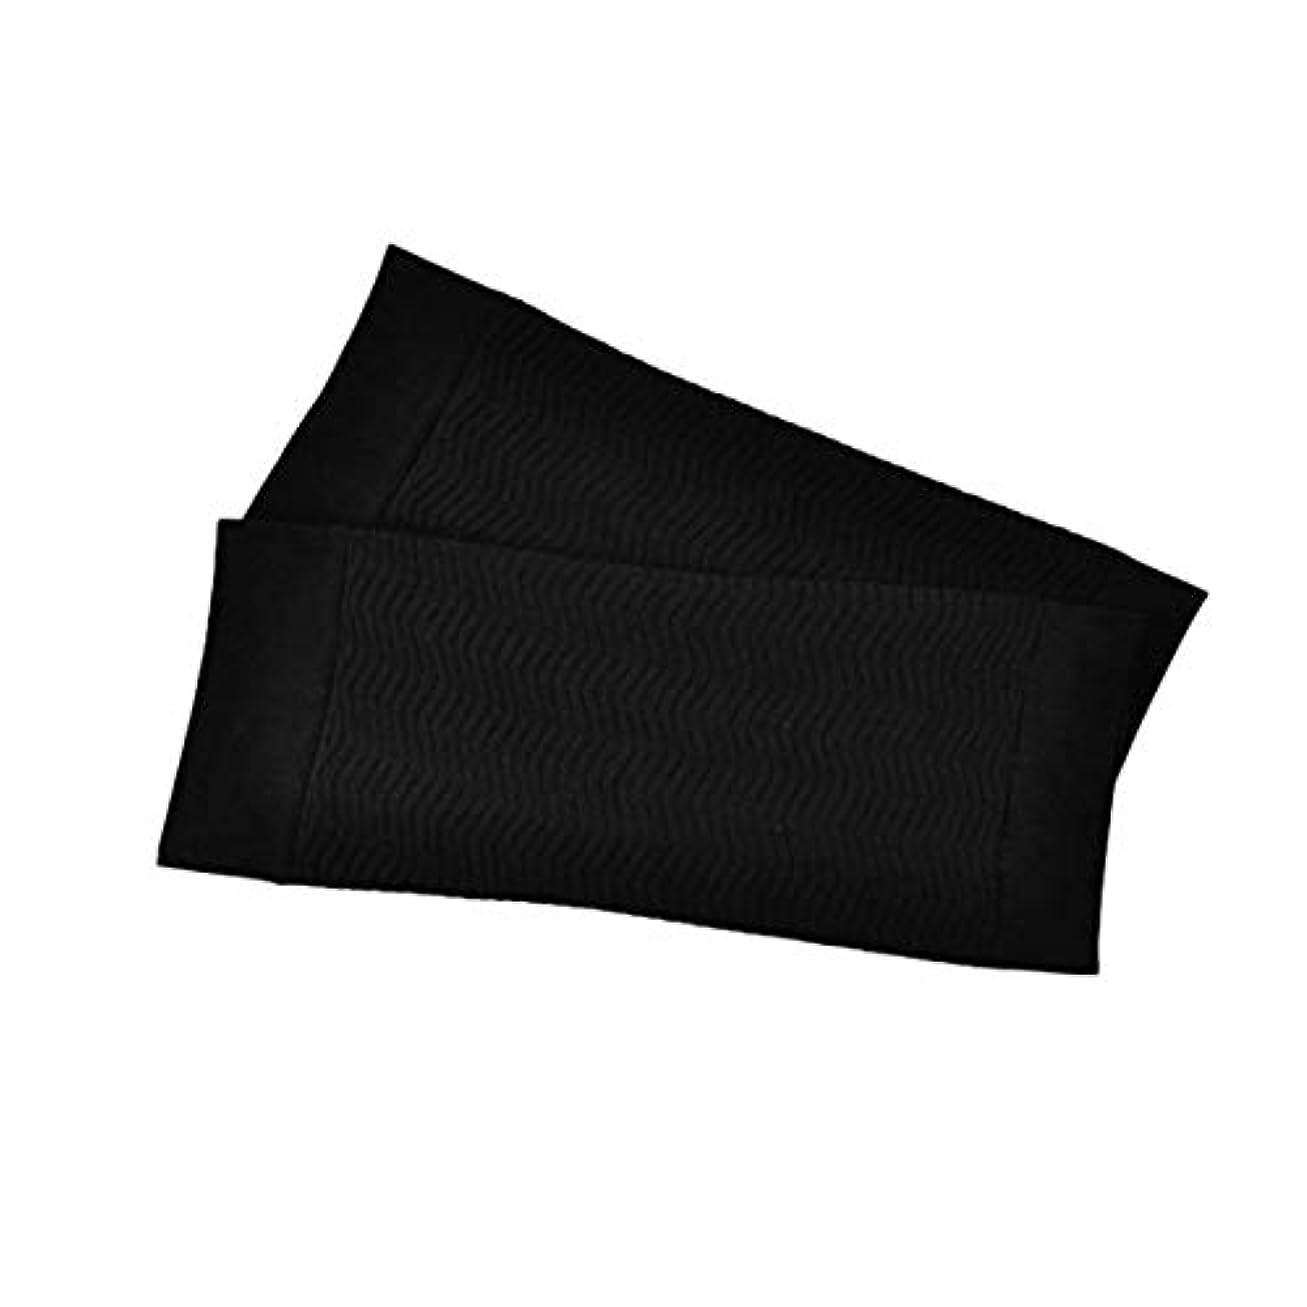 パドル発送袋1ペア680 D圧縮アームシェイパーワークアウトトーニングバーンセルライトスリミングアームスリーブ脂肪燃焼半袖用女性 - ブラック